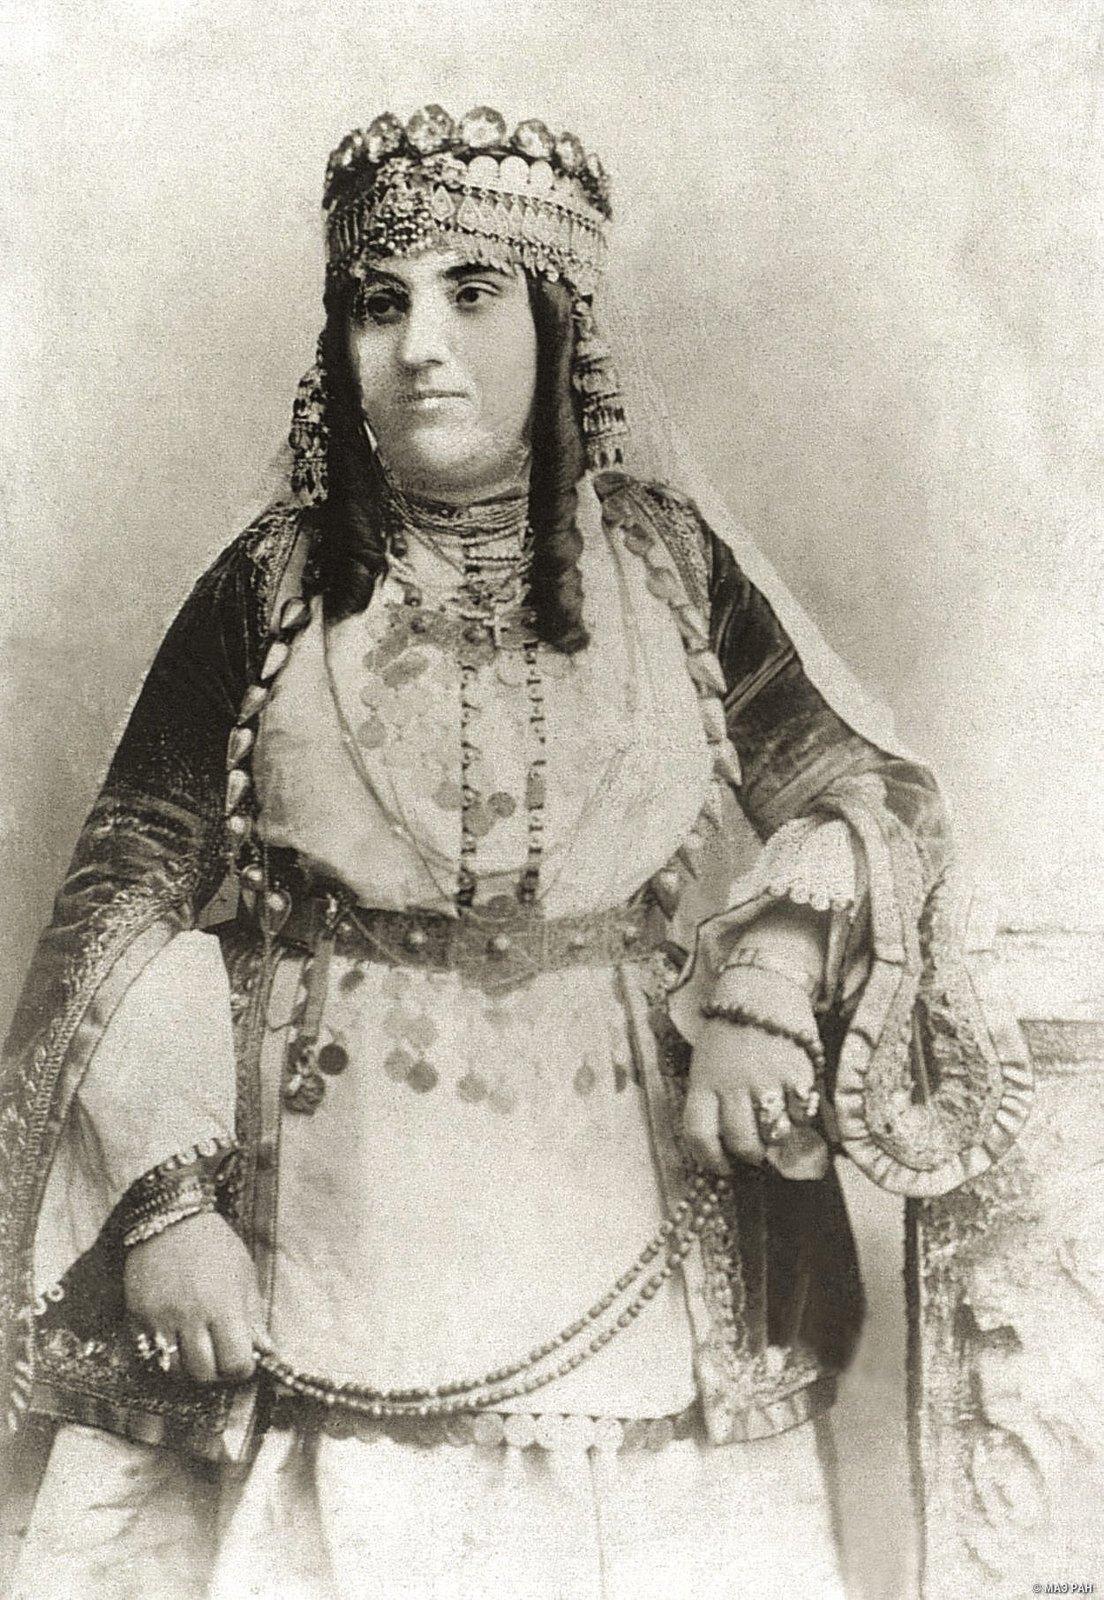 Портрет женщины в богатом традиционном костюме